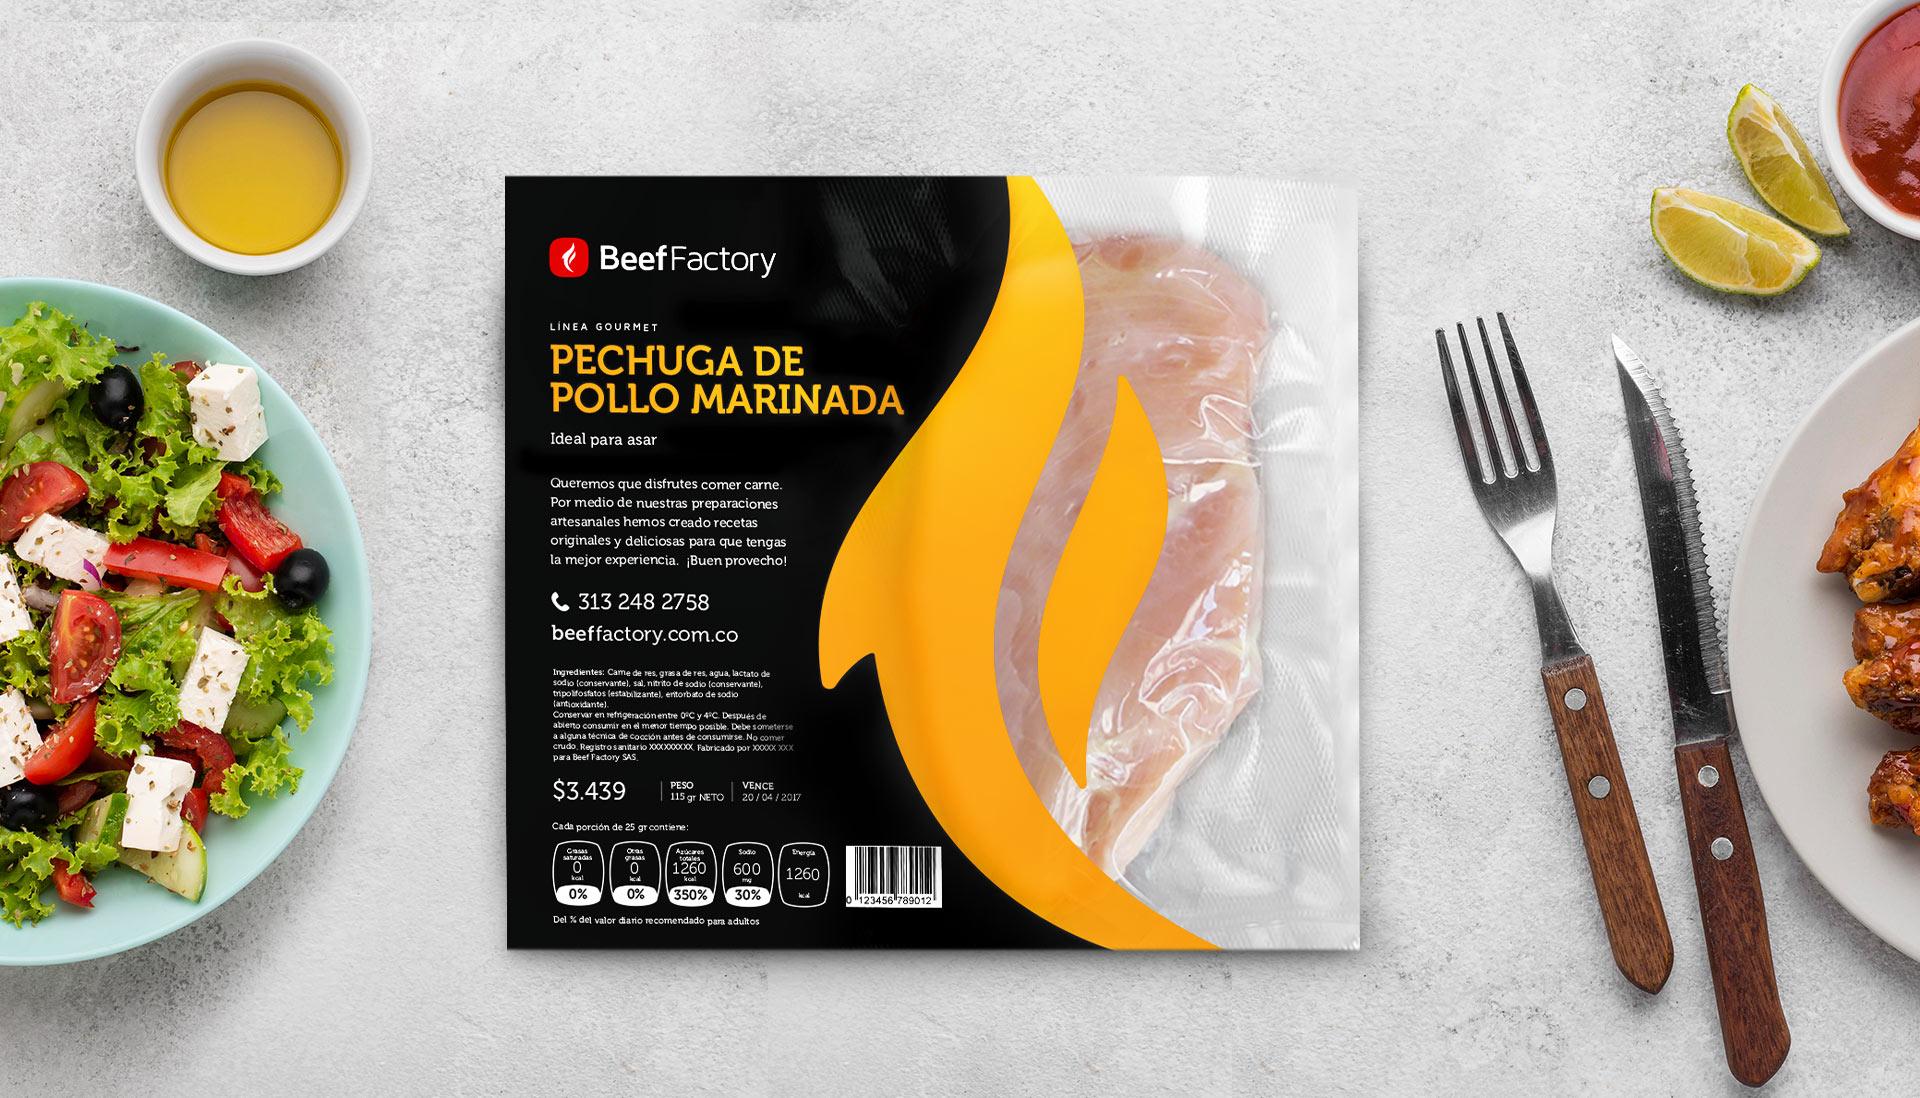 Beef Factory empaque pollo al vacío receta gourmet